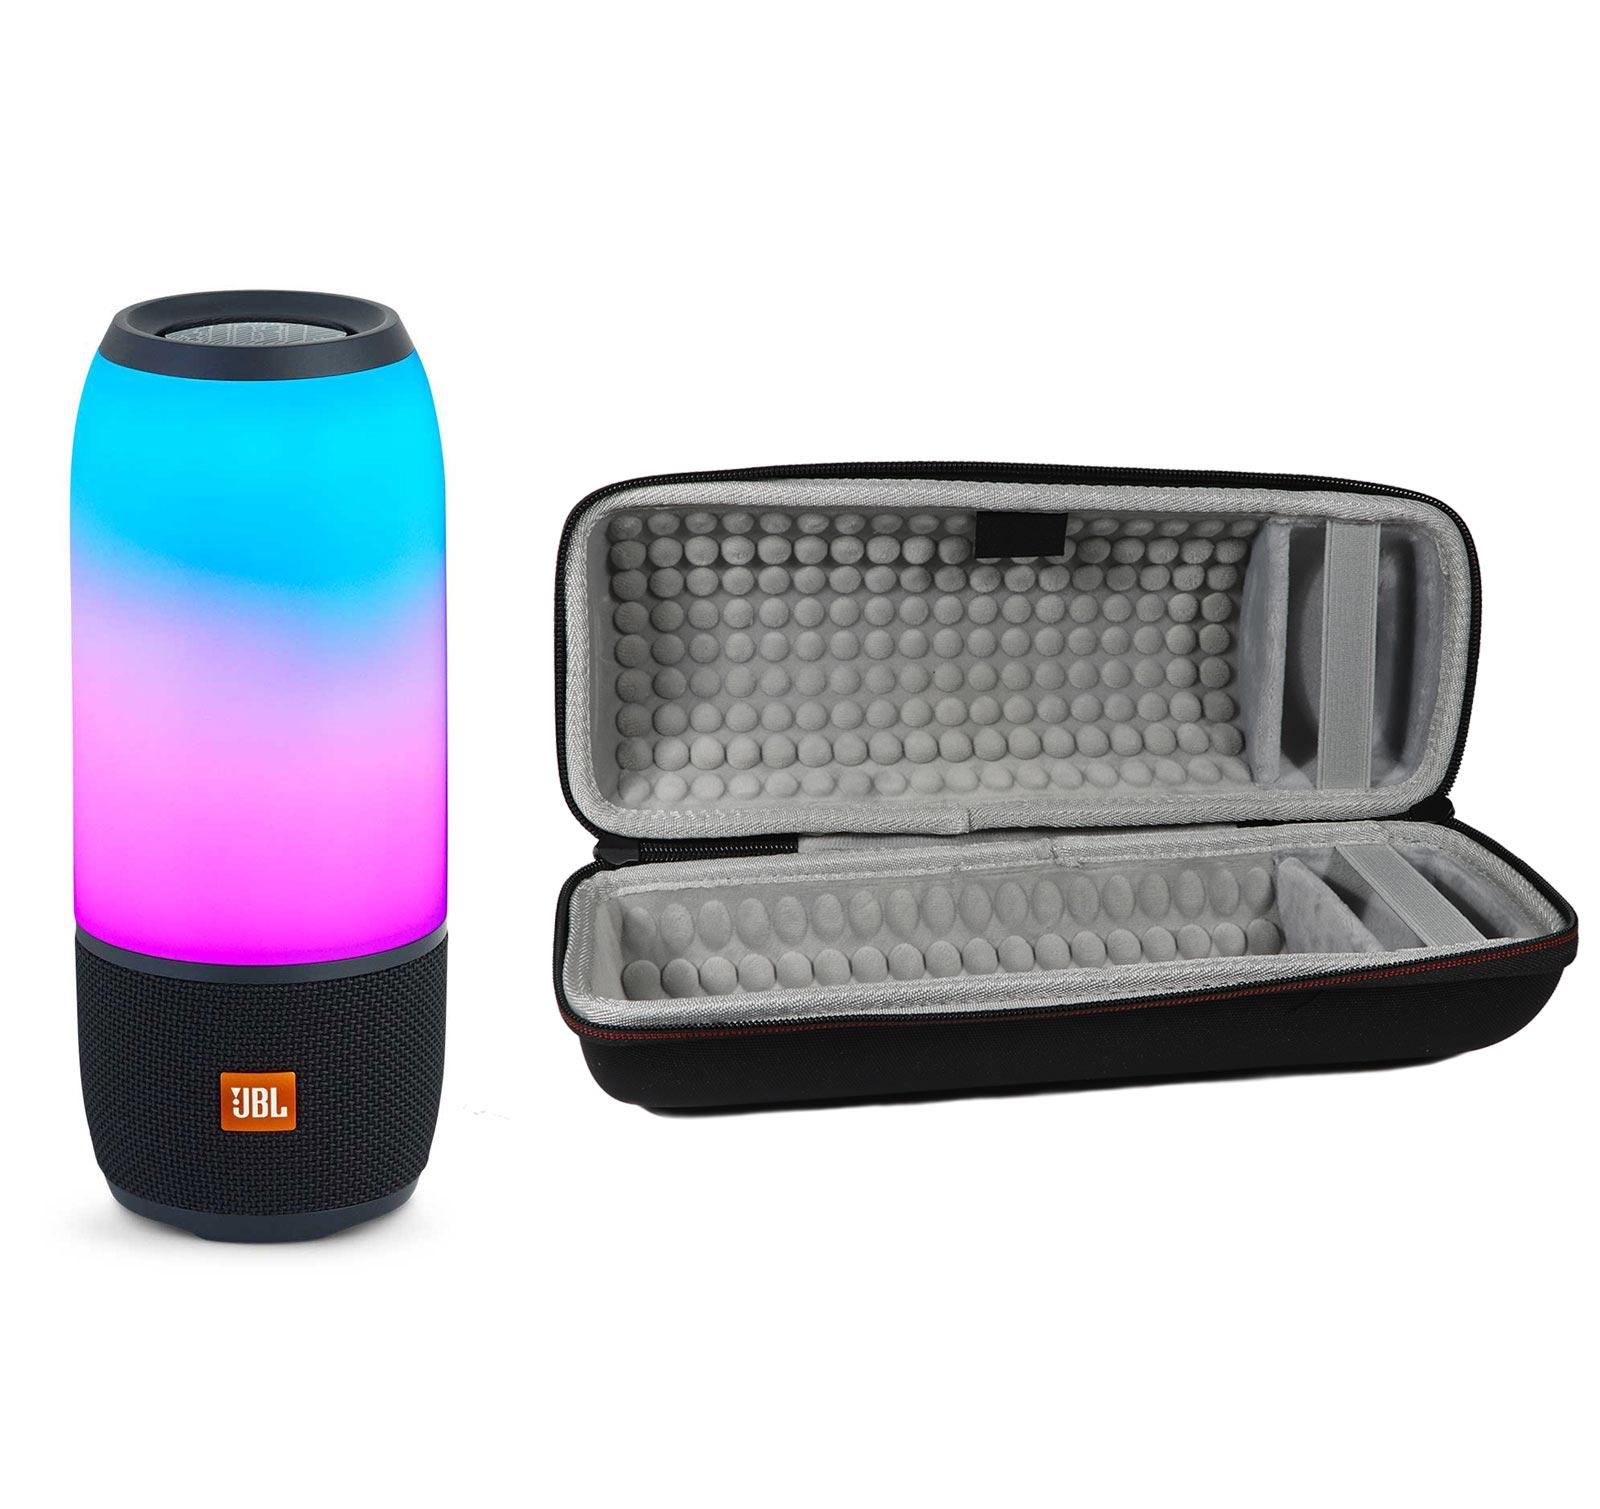 JBL Pulse 3 Black Bluetooth Speaker & Hardshell Case Kit by JBL